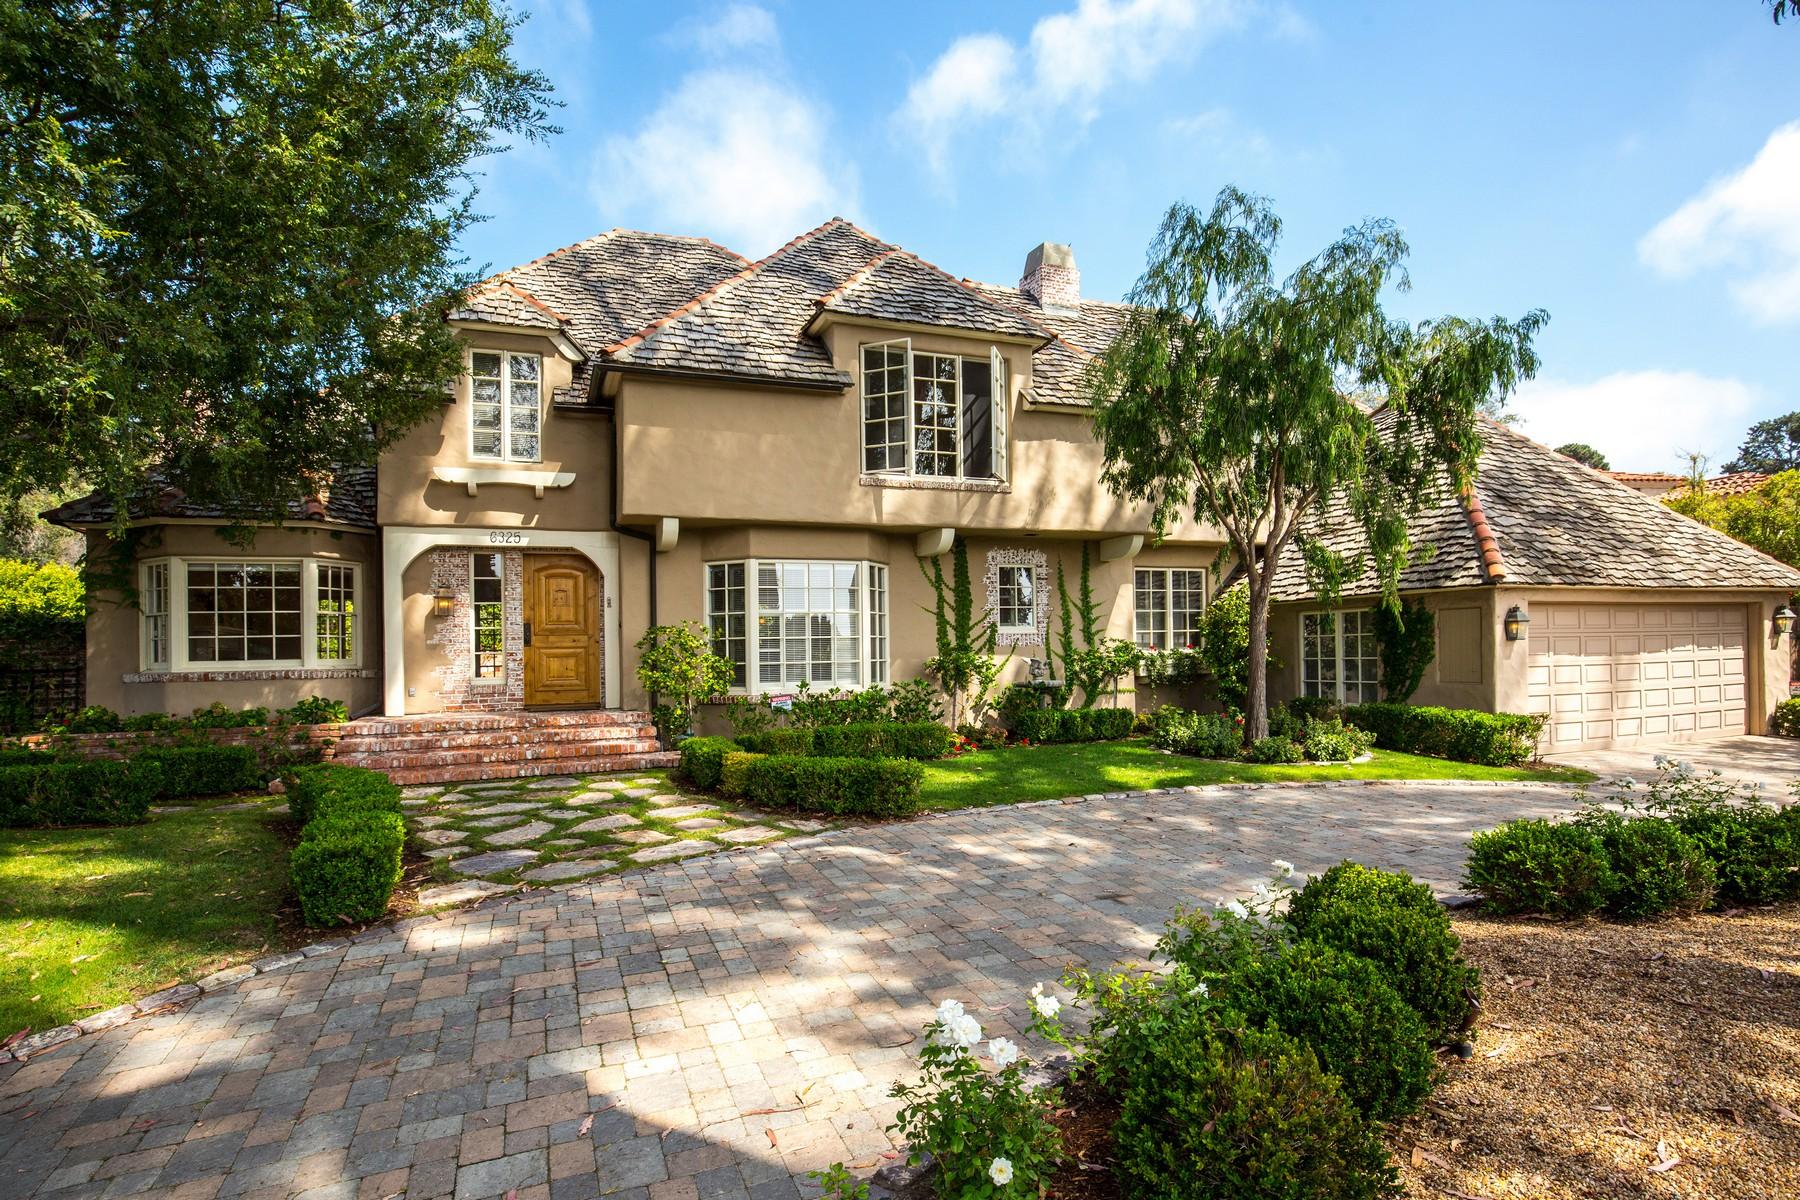 Частный односемейный дом для того Продажа на 6325 Muirlands Drive La Jolla, Калифорния 92037 Соединенные Штаты